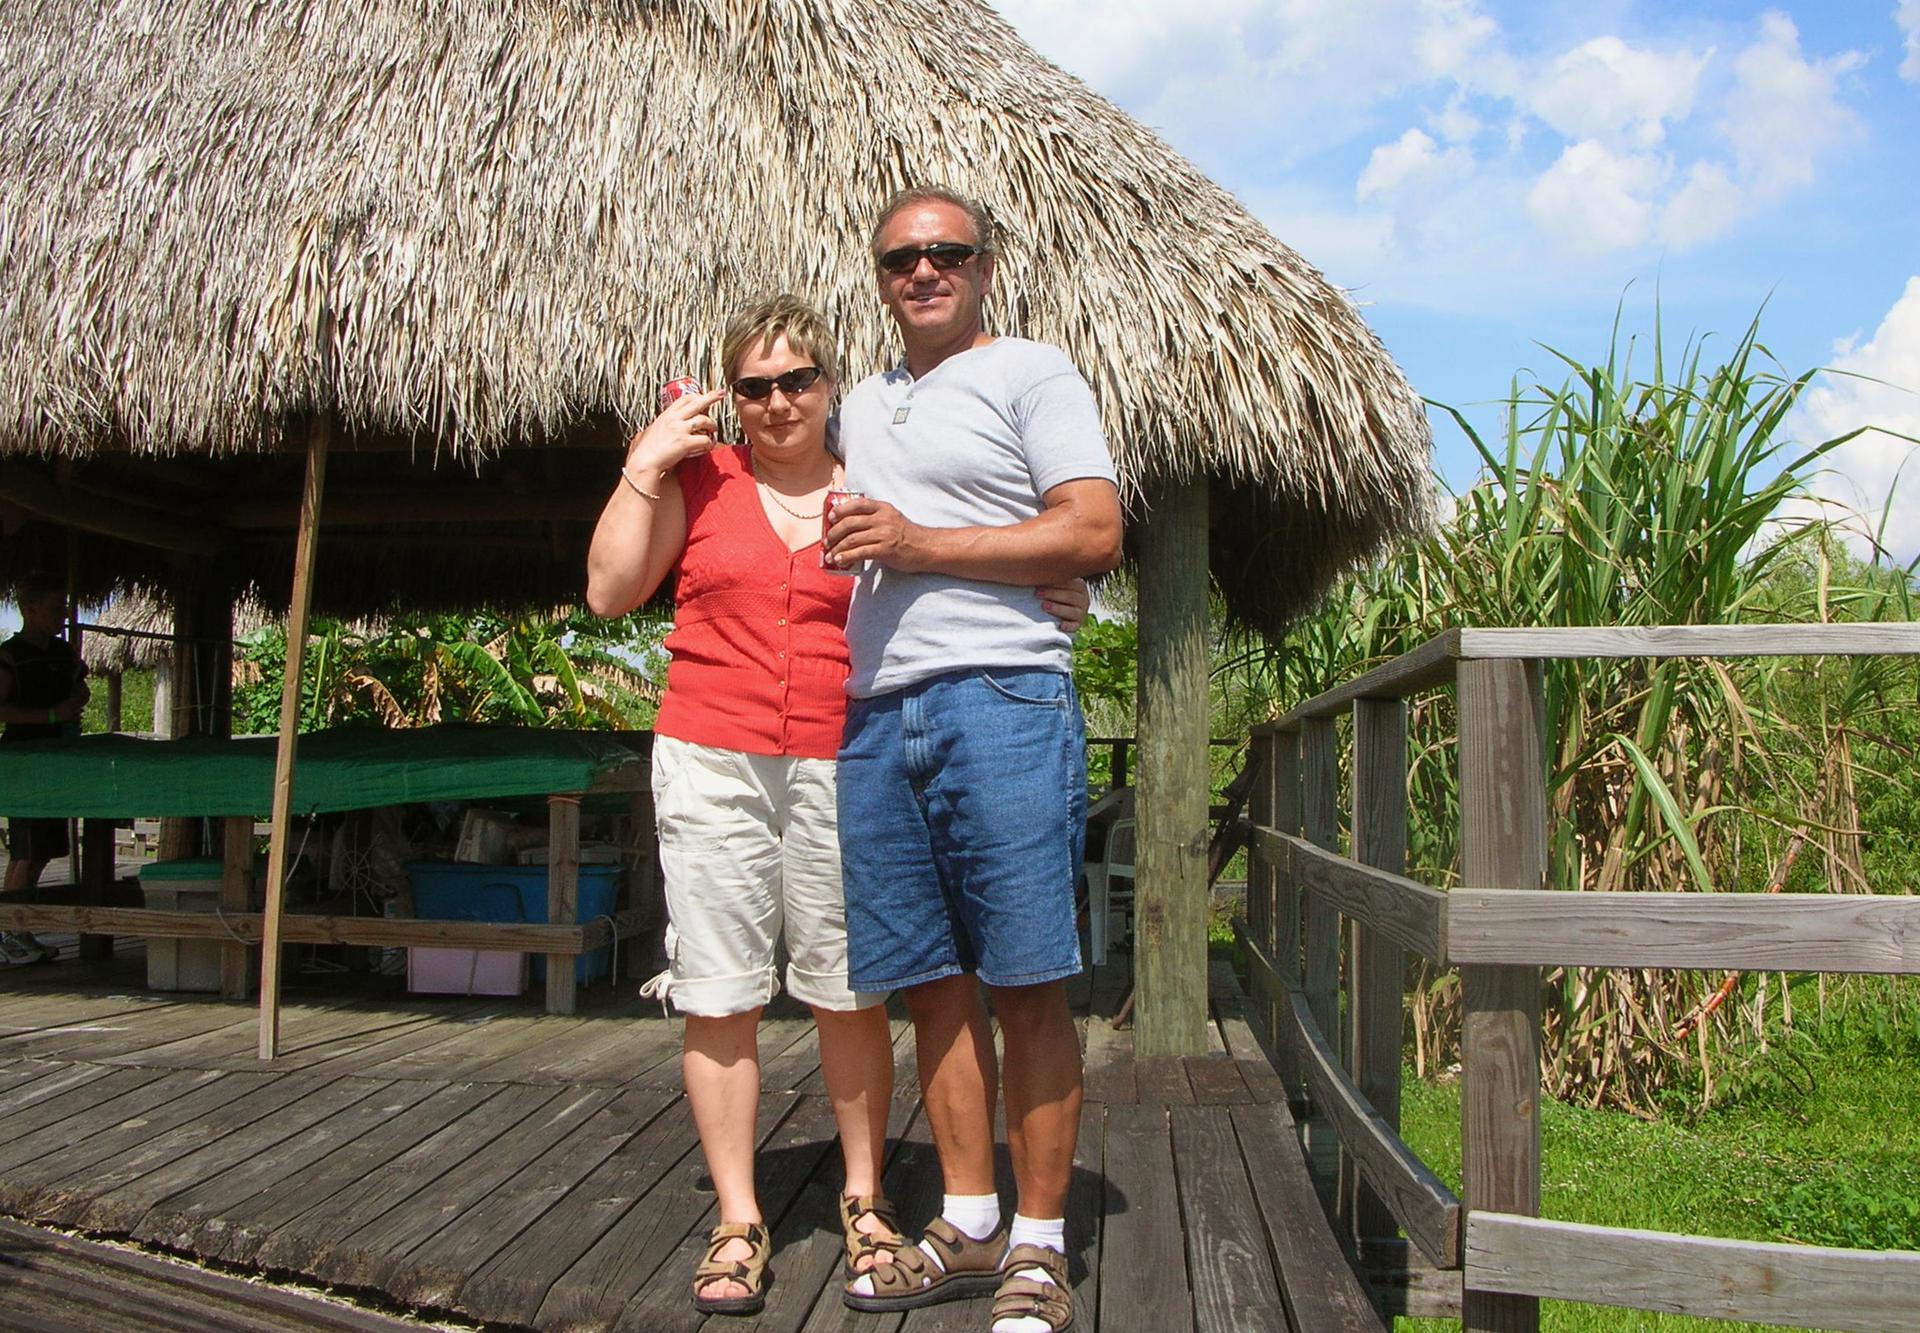 Fotografia przedstawia parę ludzi wwieku około 50 lat. Stoją da drewnianym tarasie, za nimi trzcinowe zadaszenie. Są objęci iuśmiechnięci.